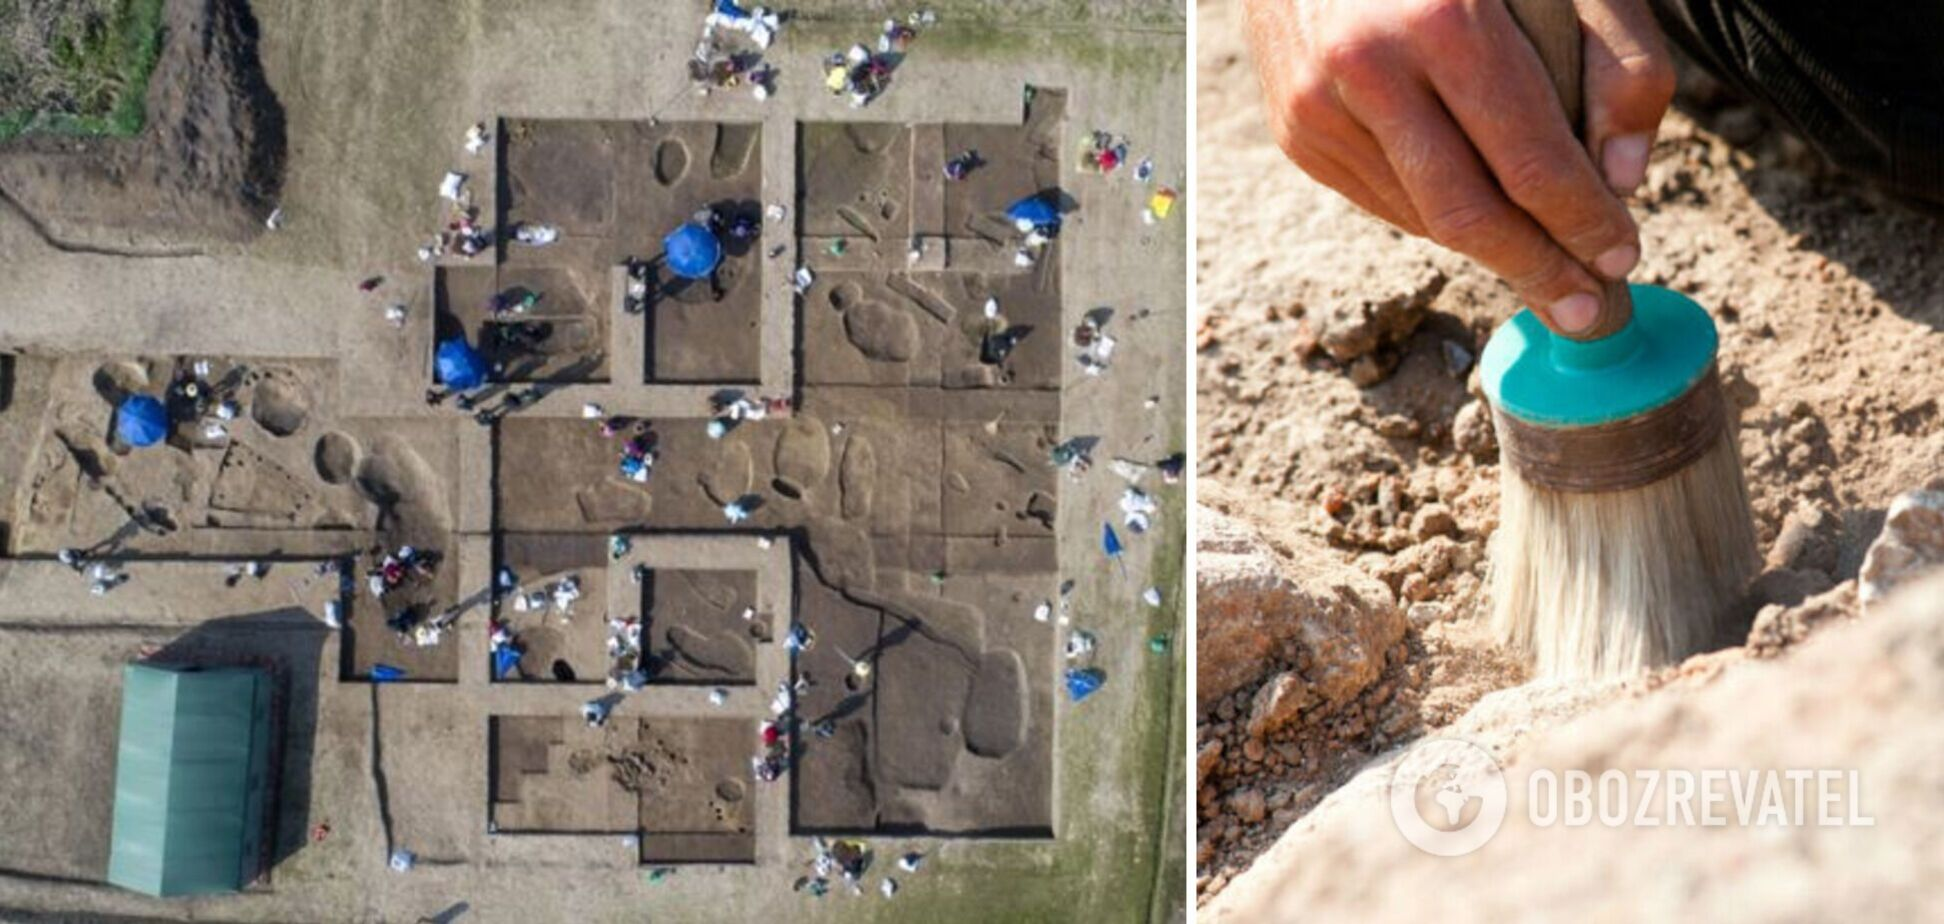 Археологи обнаружили в Китае загадочные гробницы, которым 1900 лет: что было внутри